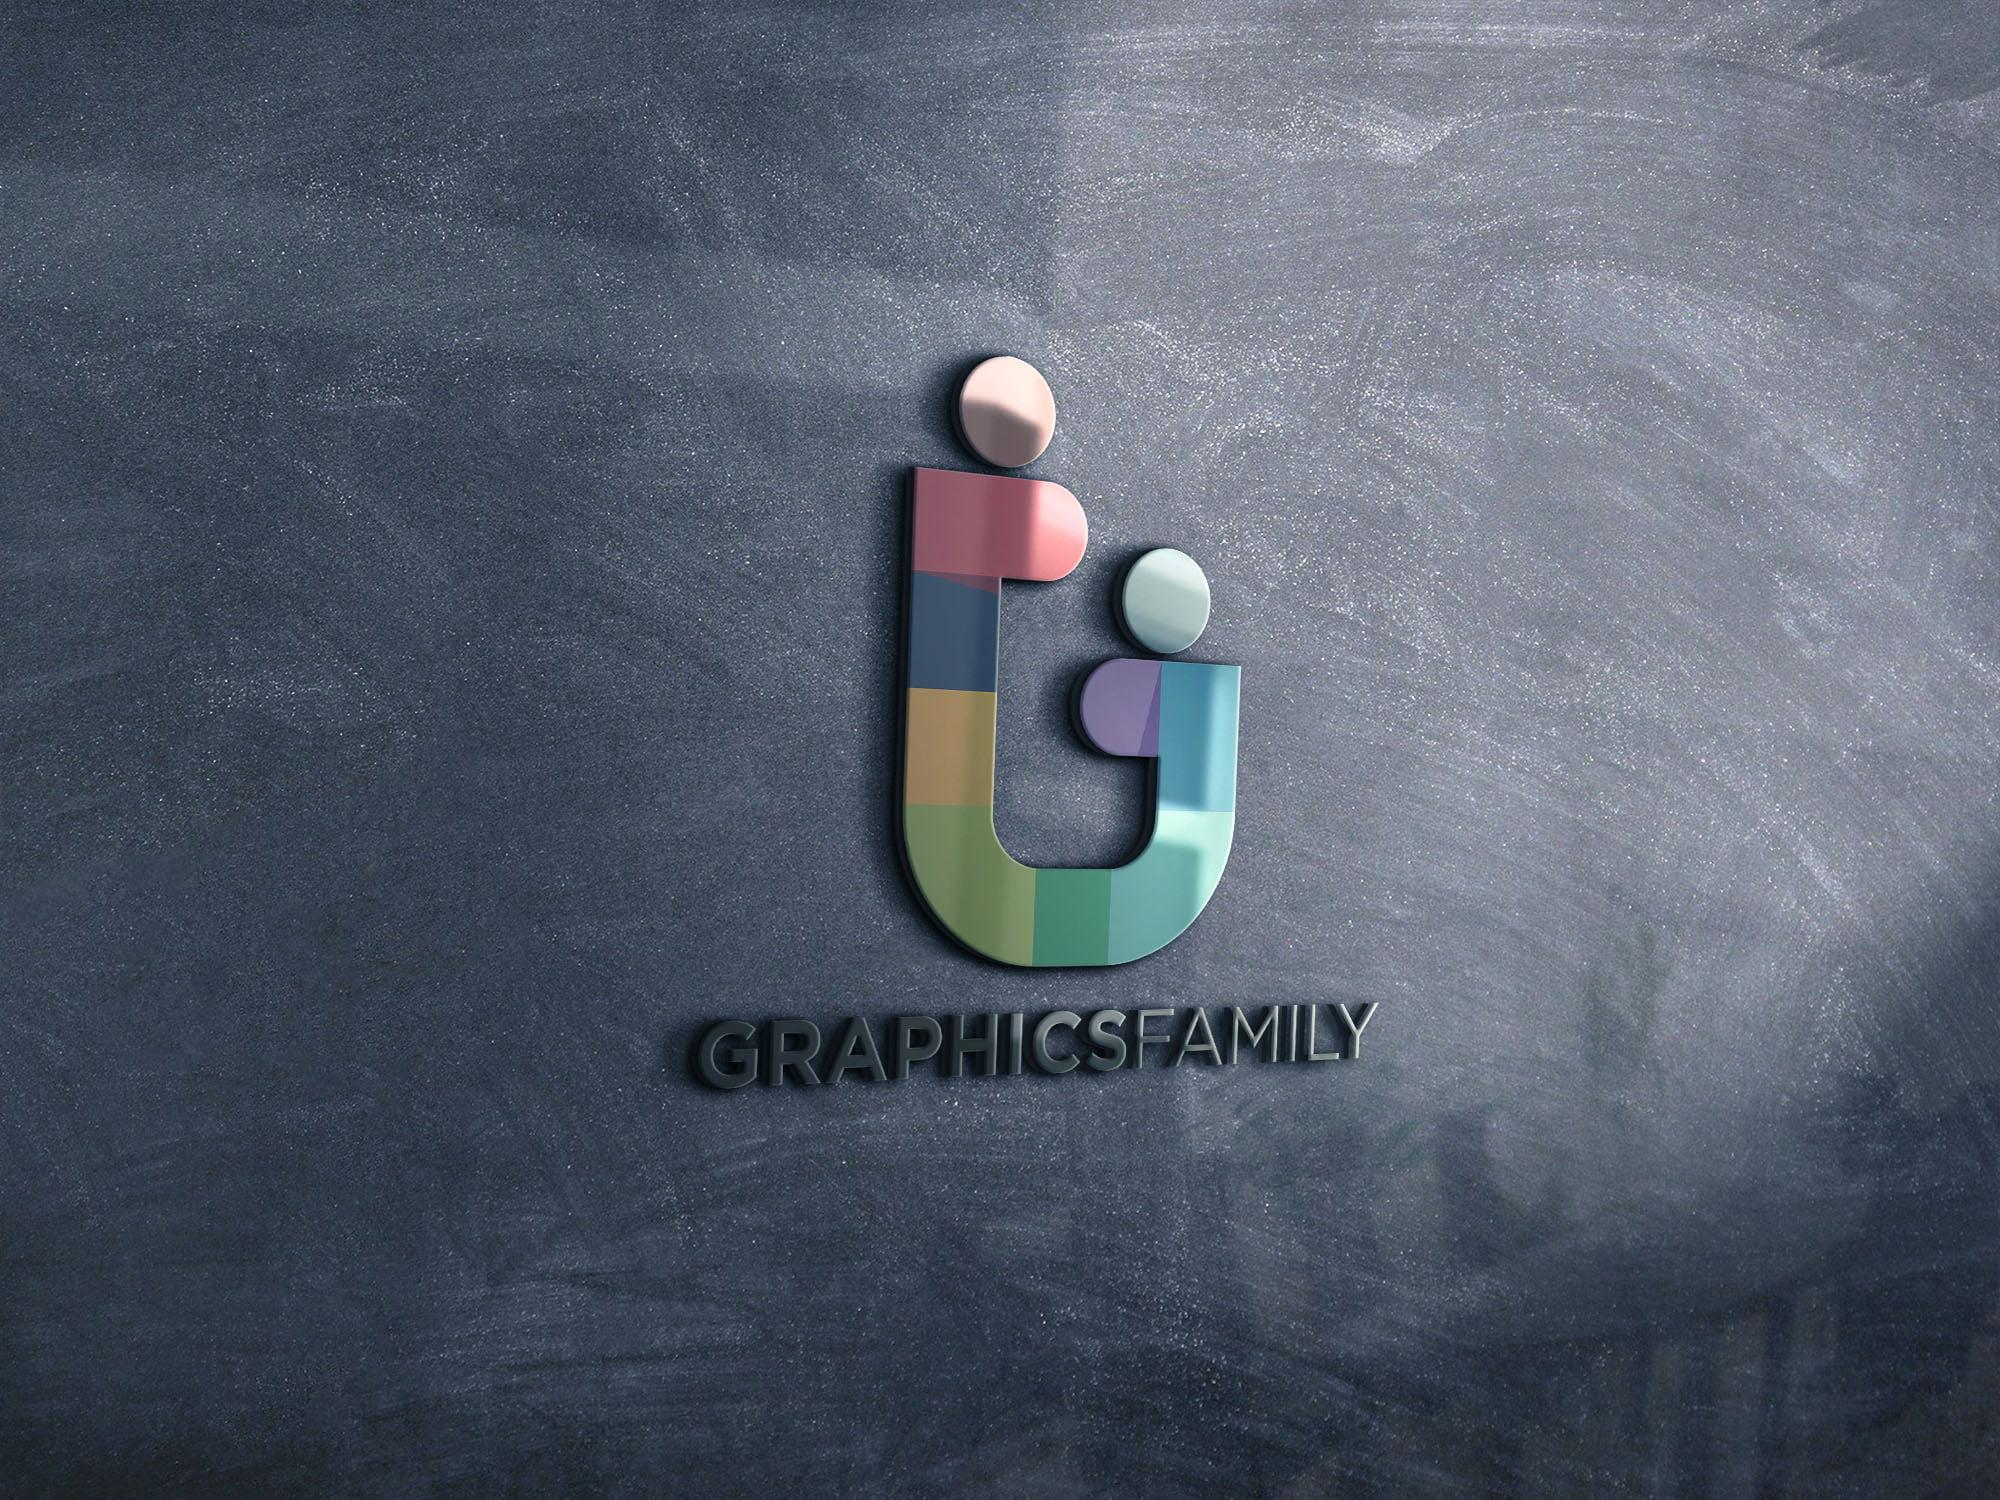 Graphicsfamily Glass mockup